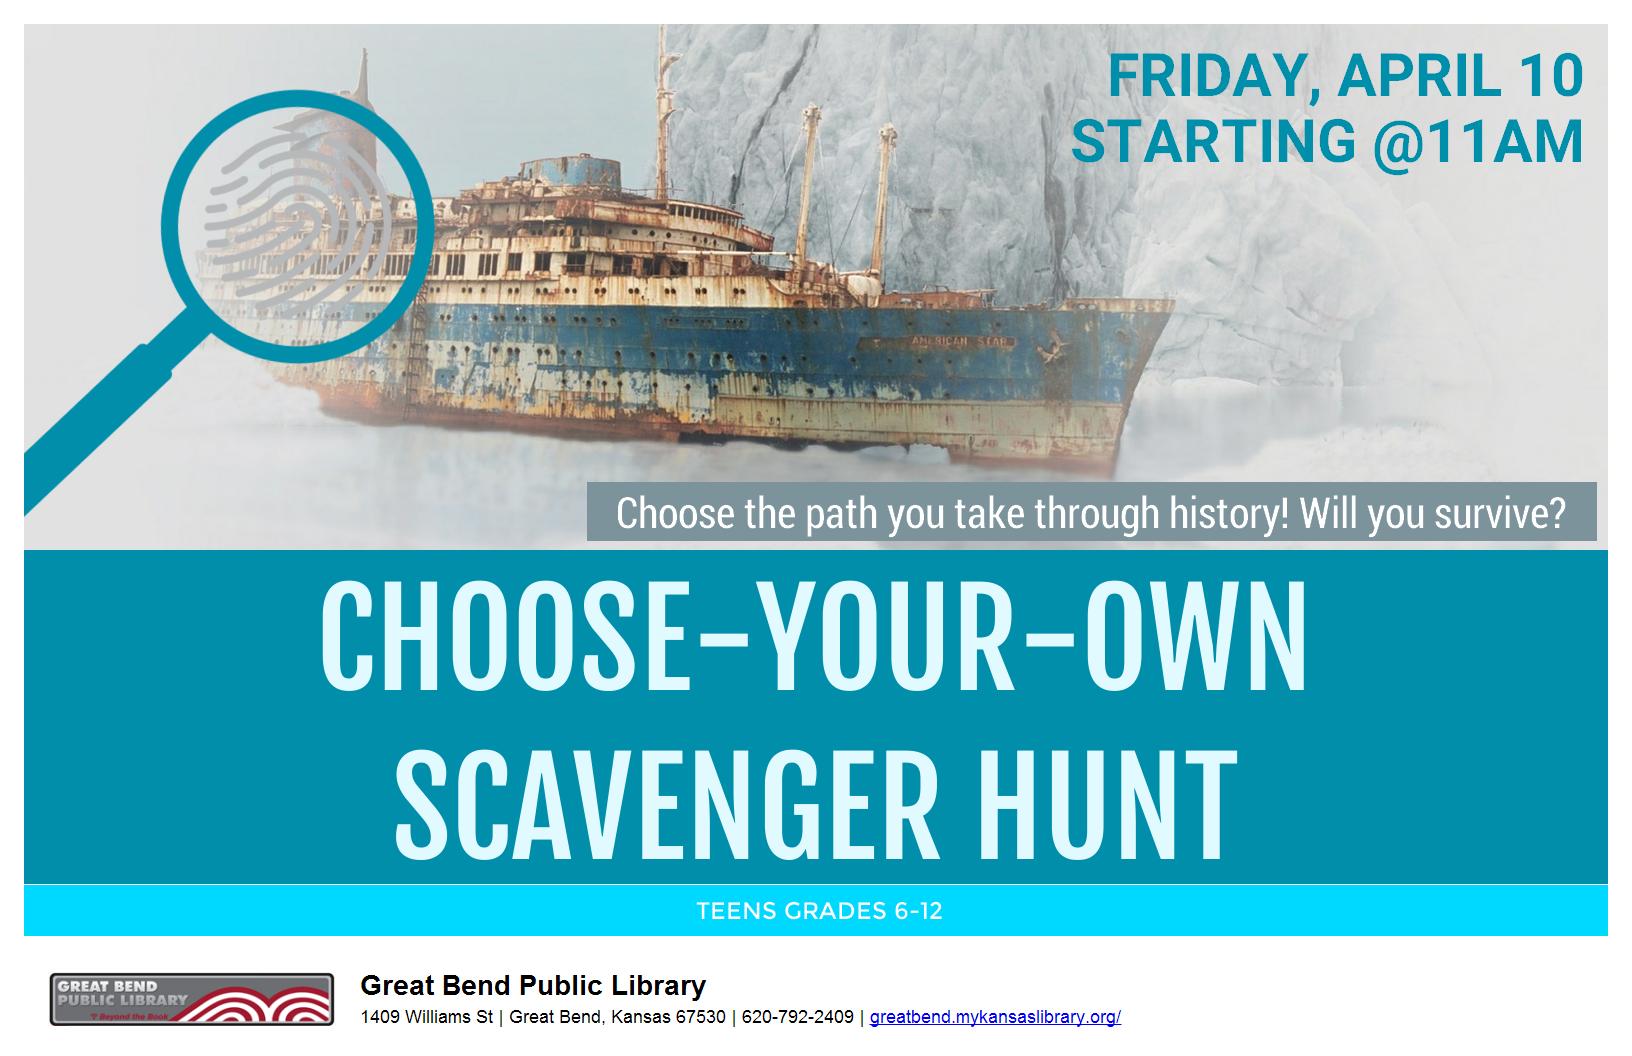 Choose-Your-Own Scavenger Hunt